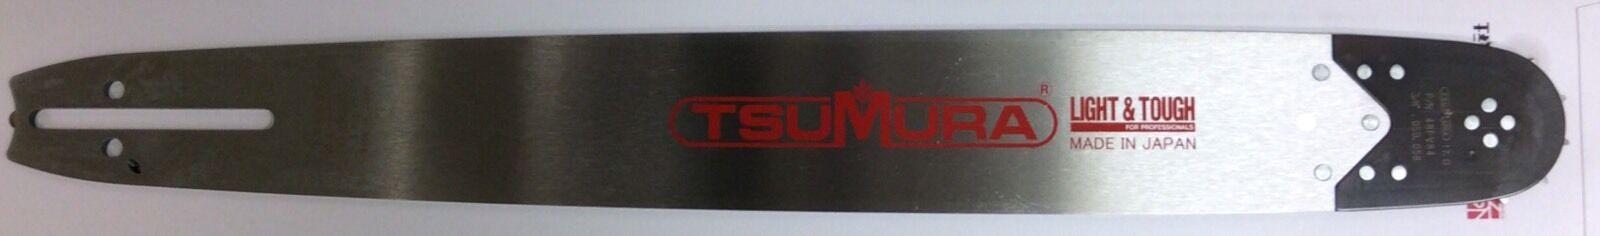 Guía de Tsumura 20  Bar 3 8-050-72DL Repl. HUSQVARNA 359 Jonserojo 2159 200 rndk 095